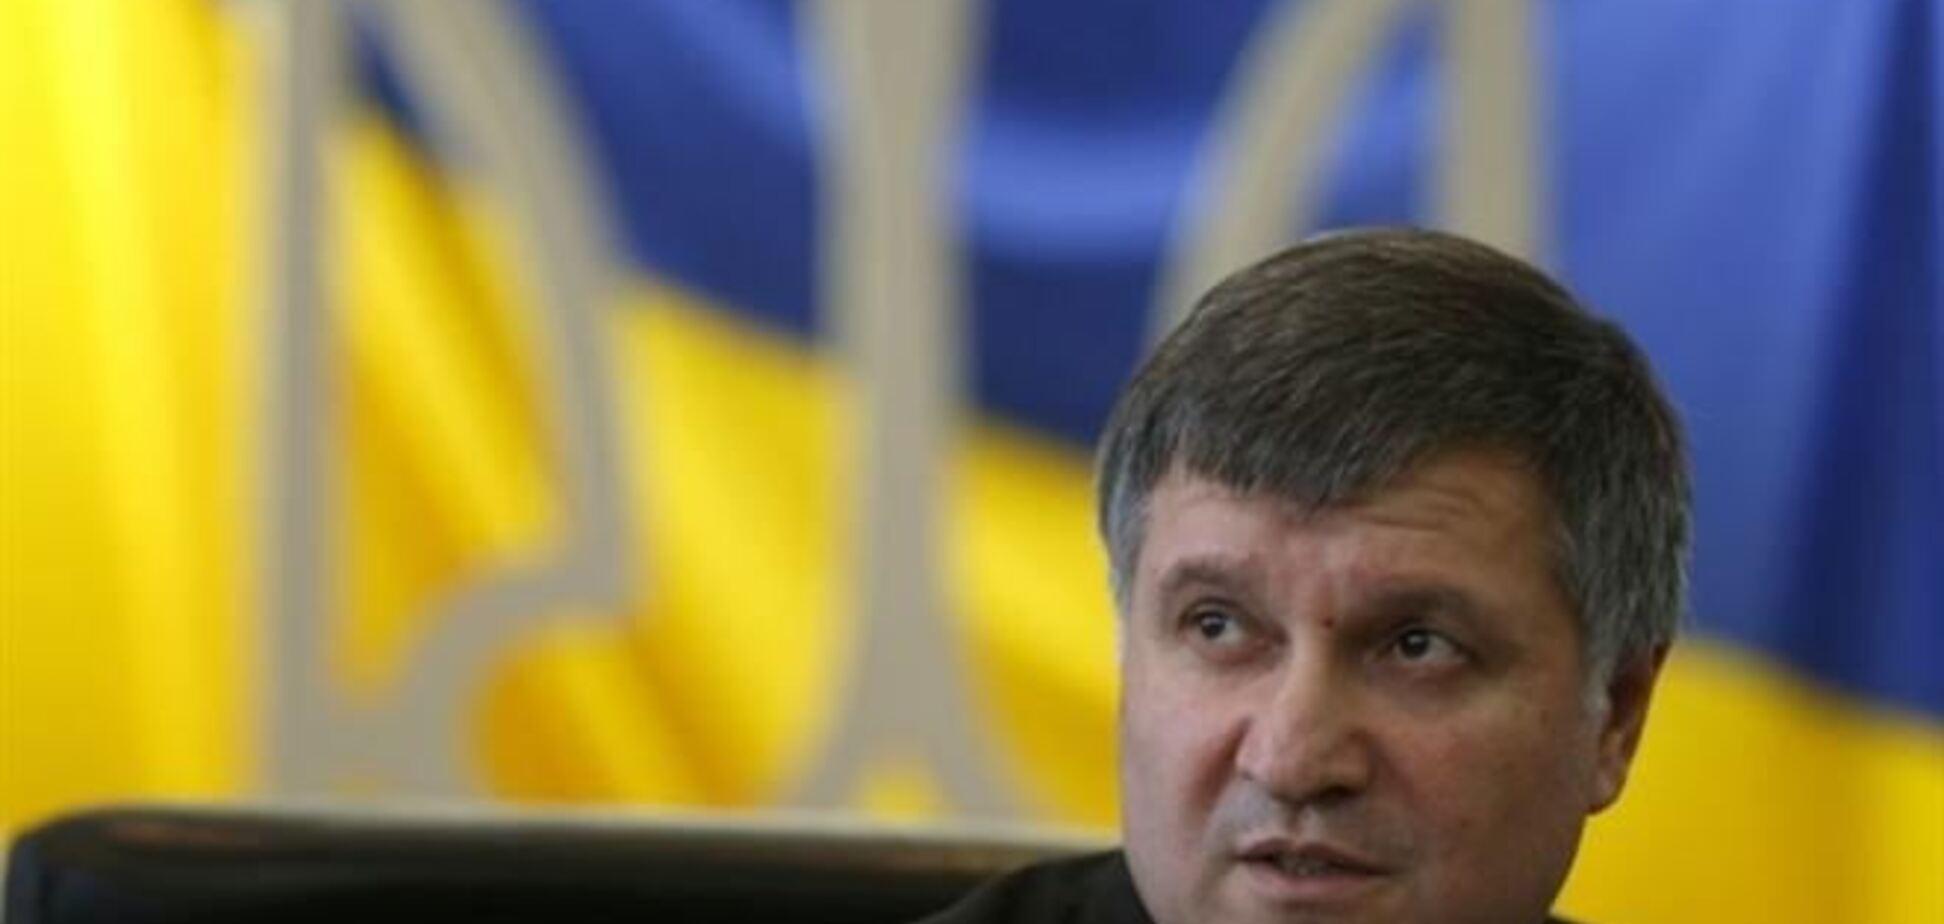 На Харьковщину, Луганщину  и Донетчину  прибыли спецподразделения МВД из других регионов